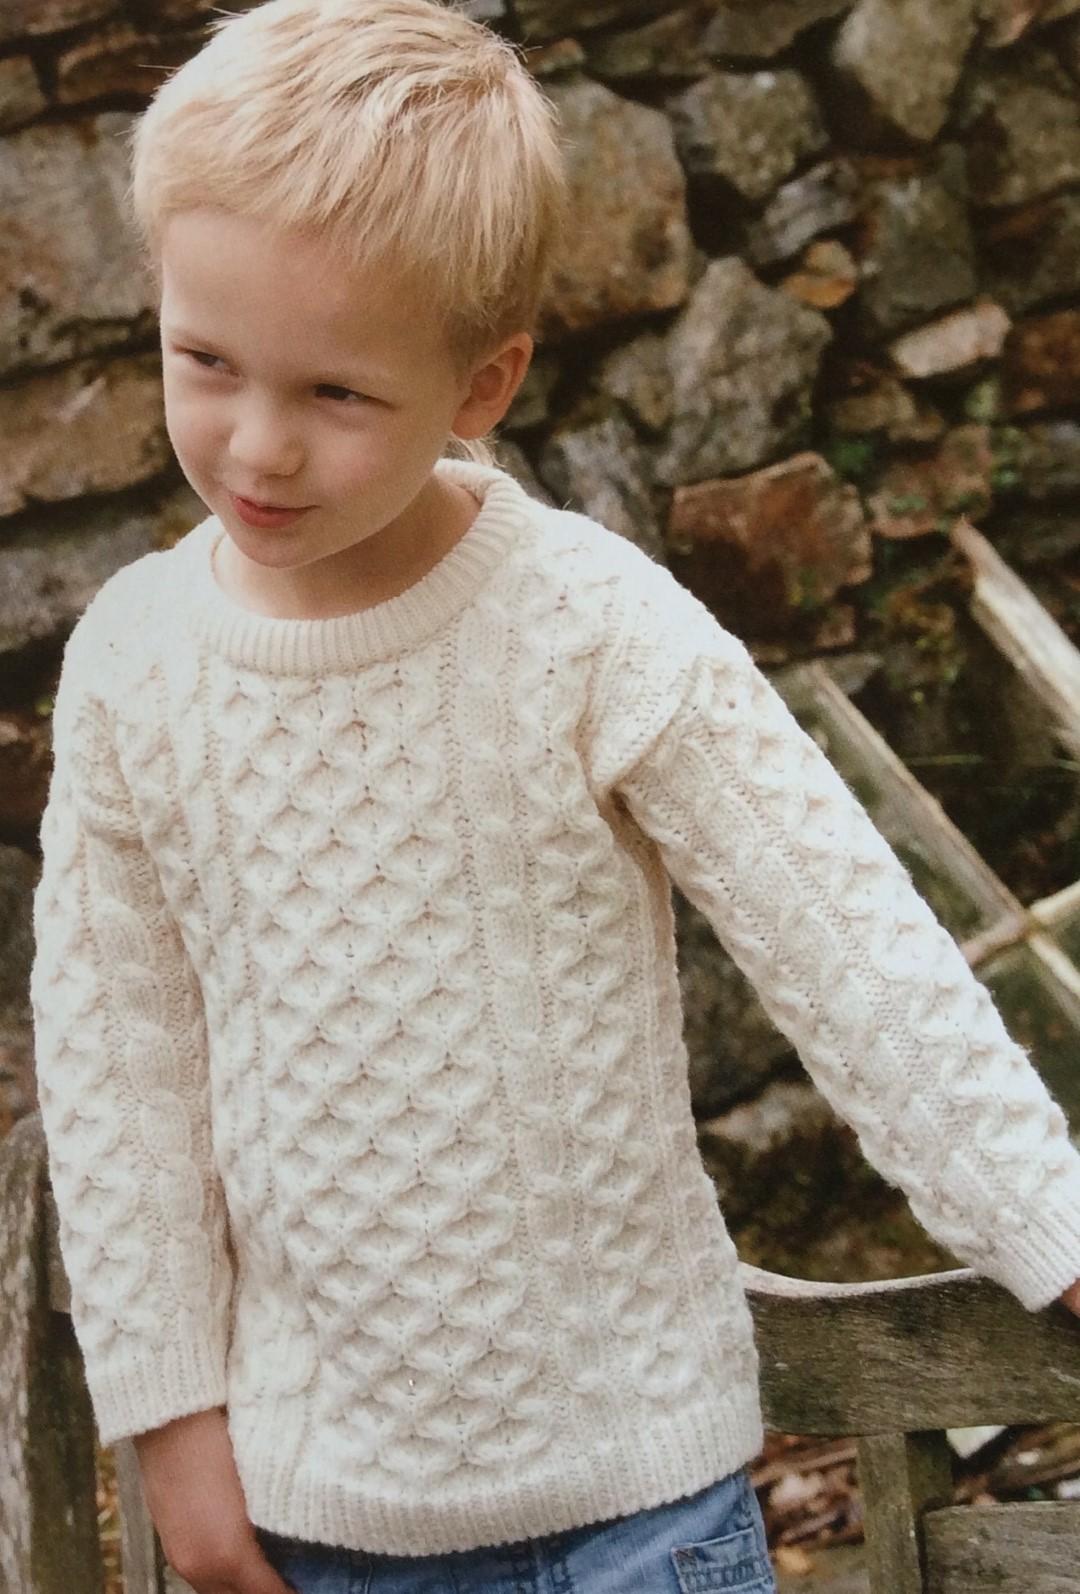 ffc6ff6029d39 Pull traditionnel irlandais pour enfants